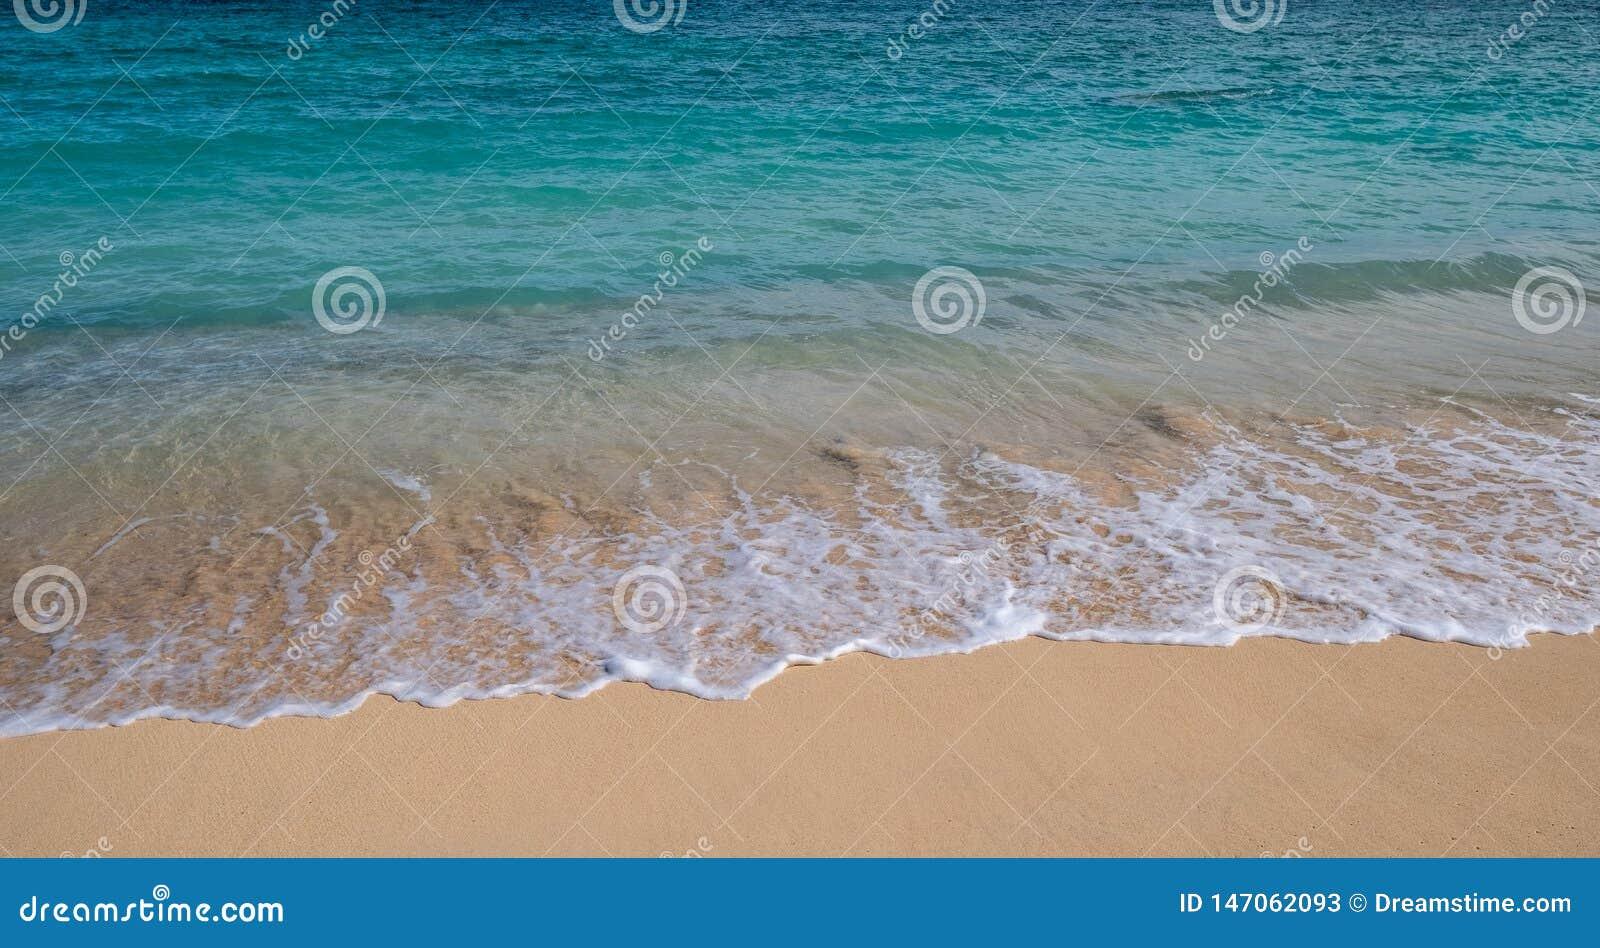 Fale w kipieli od pla?y w Hawaje